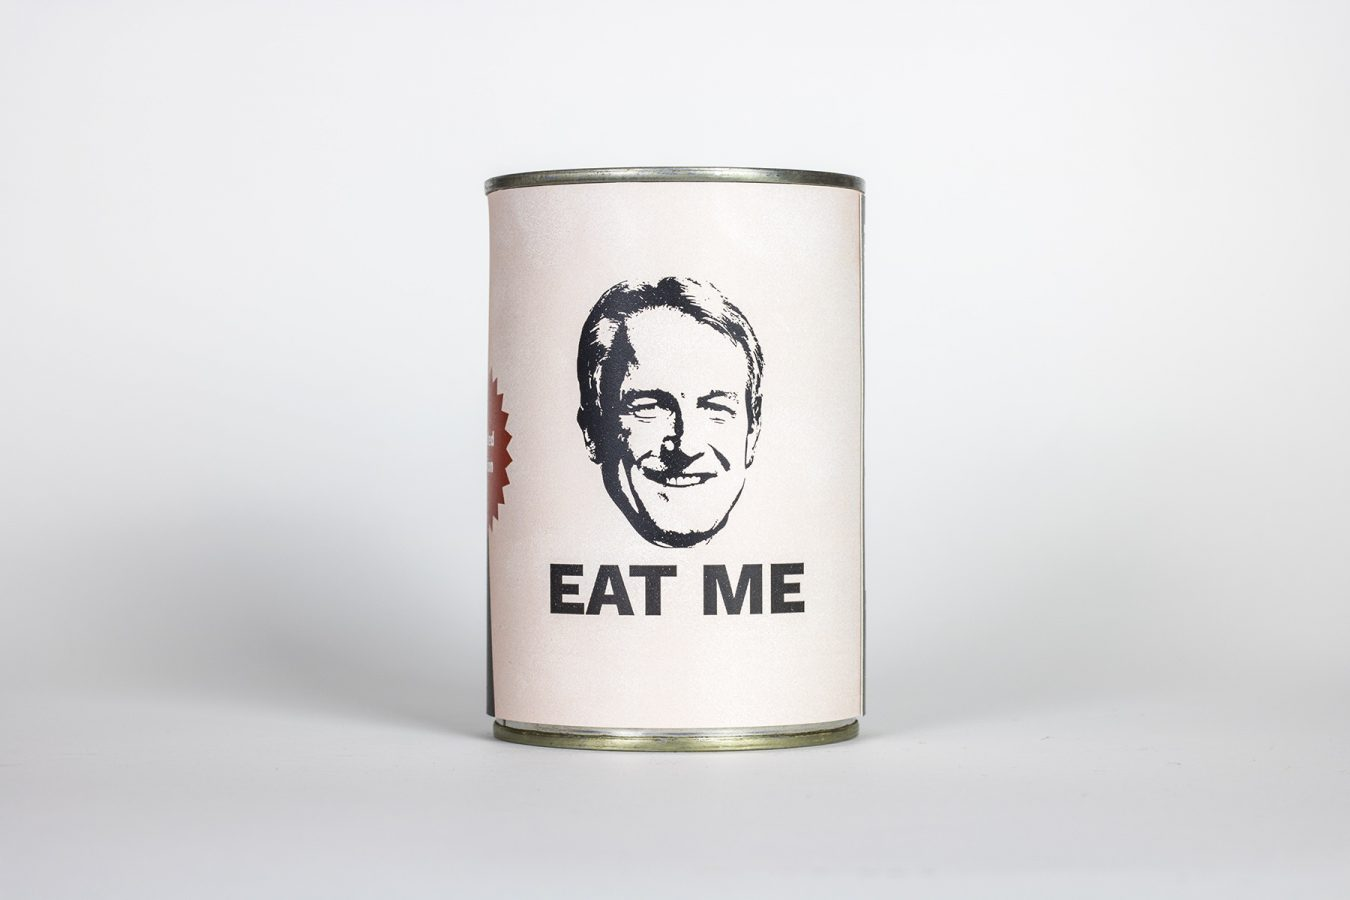 Eat Me – Owen Paterson